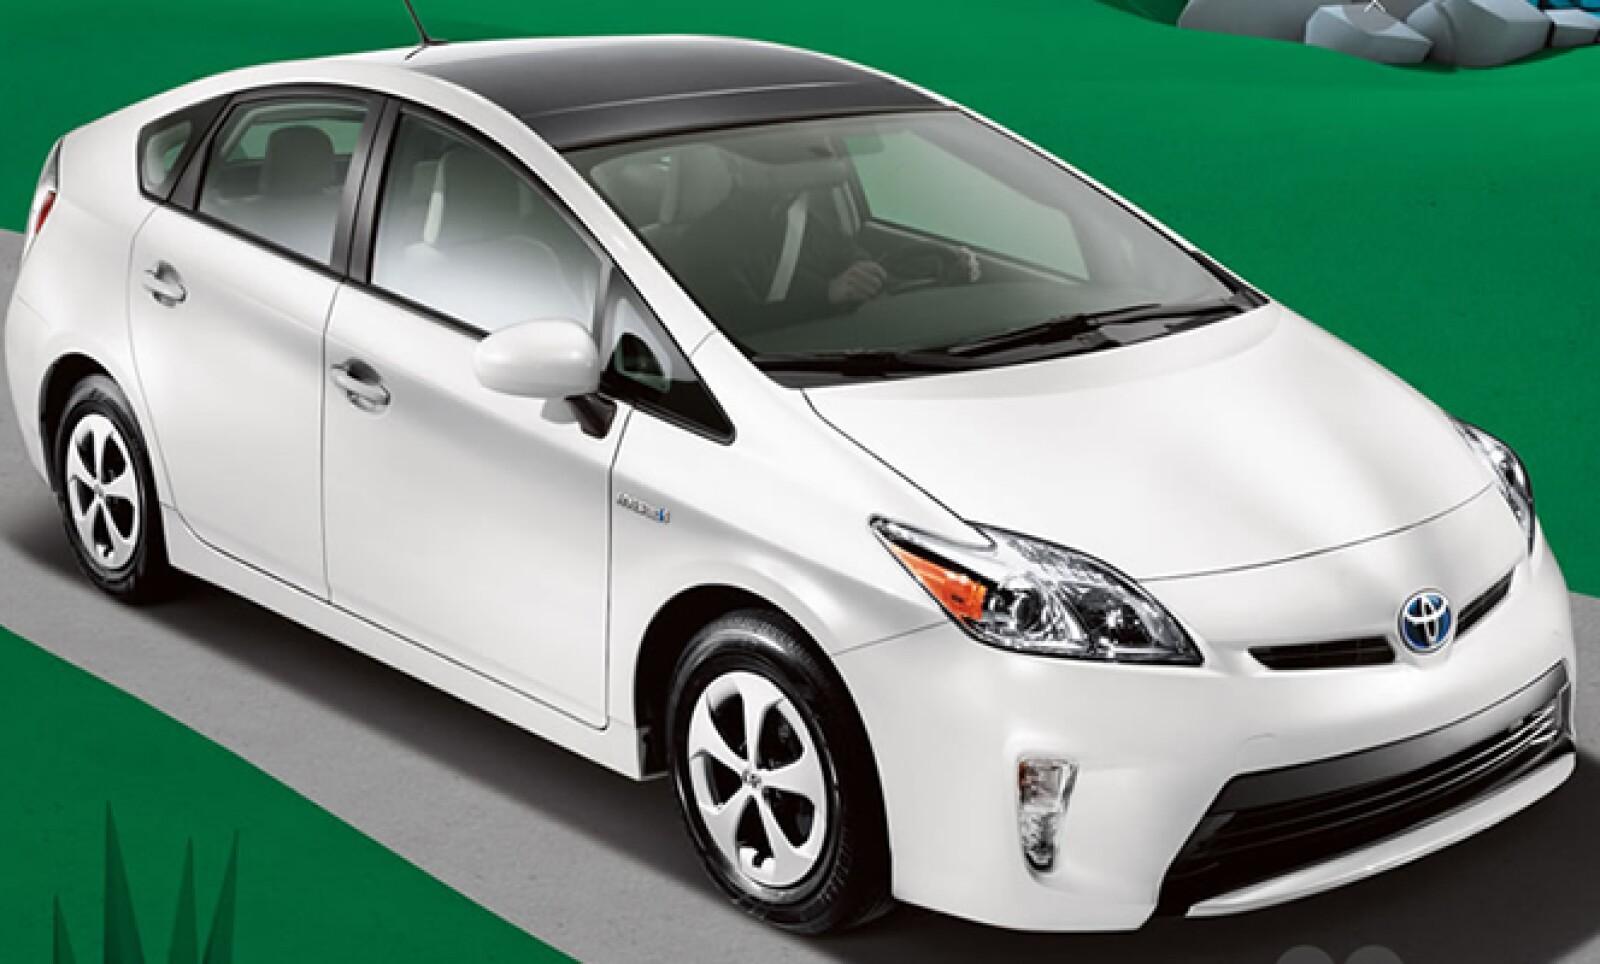 El híbrido Prius de Toyota tiene un defecto en el software que en el peor de los casos podría apagar por completo el automóvil.